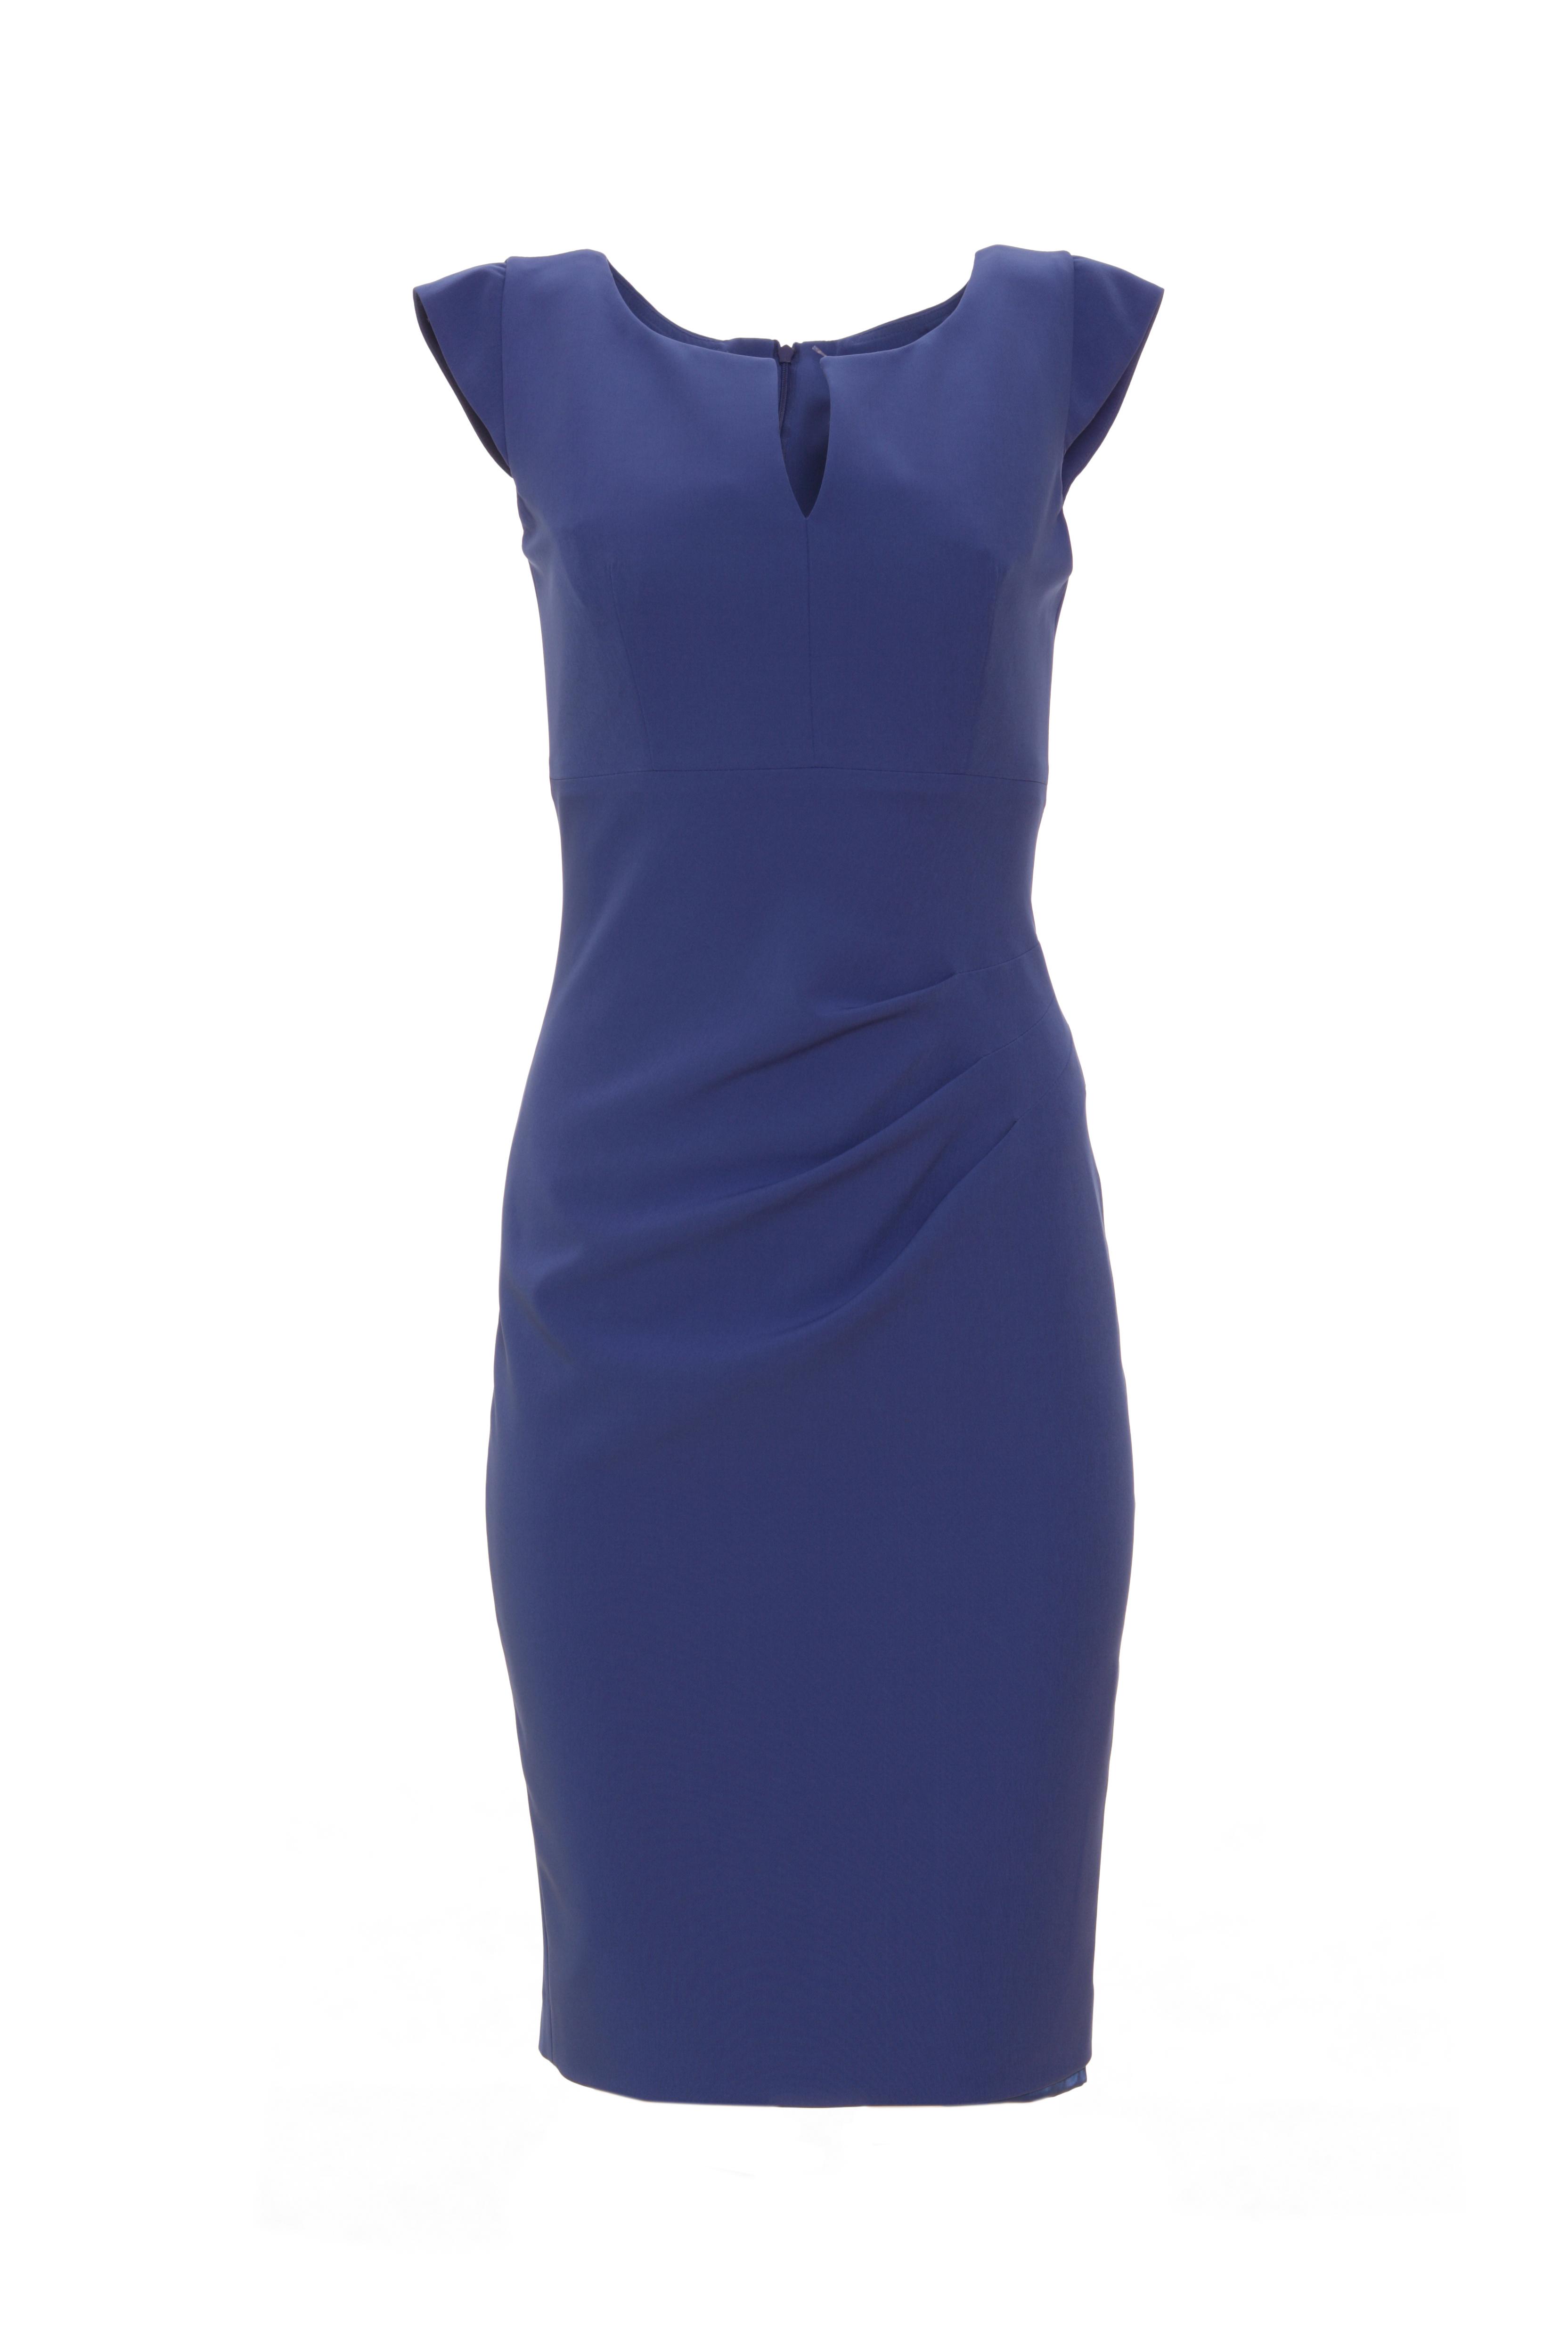 43_Spiral_Dress_8942_-_€299